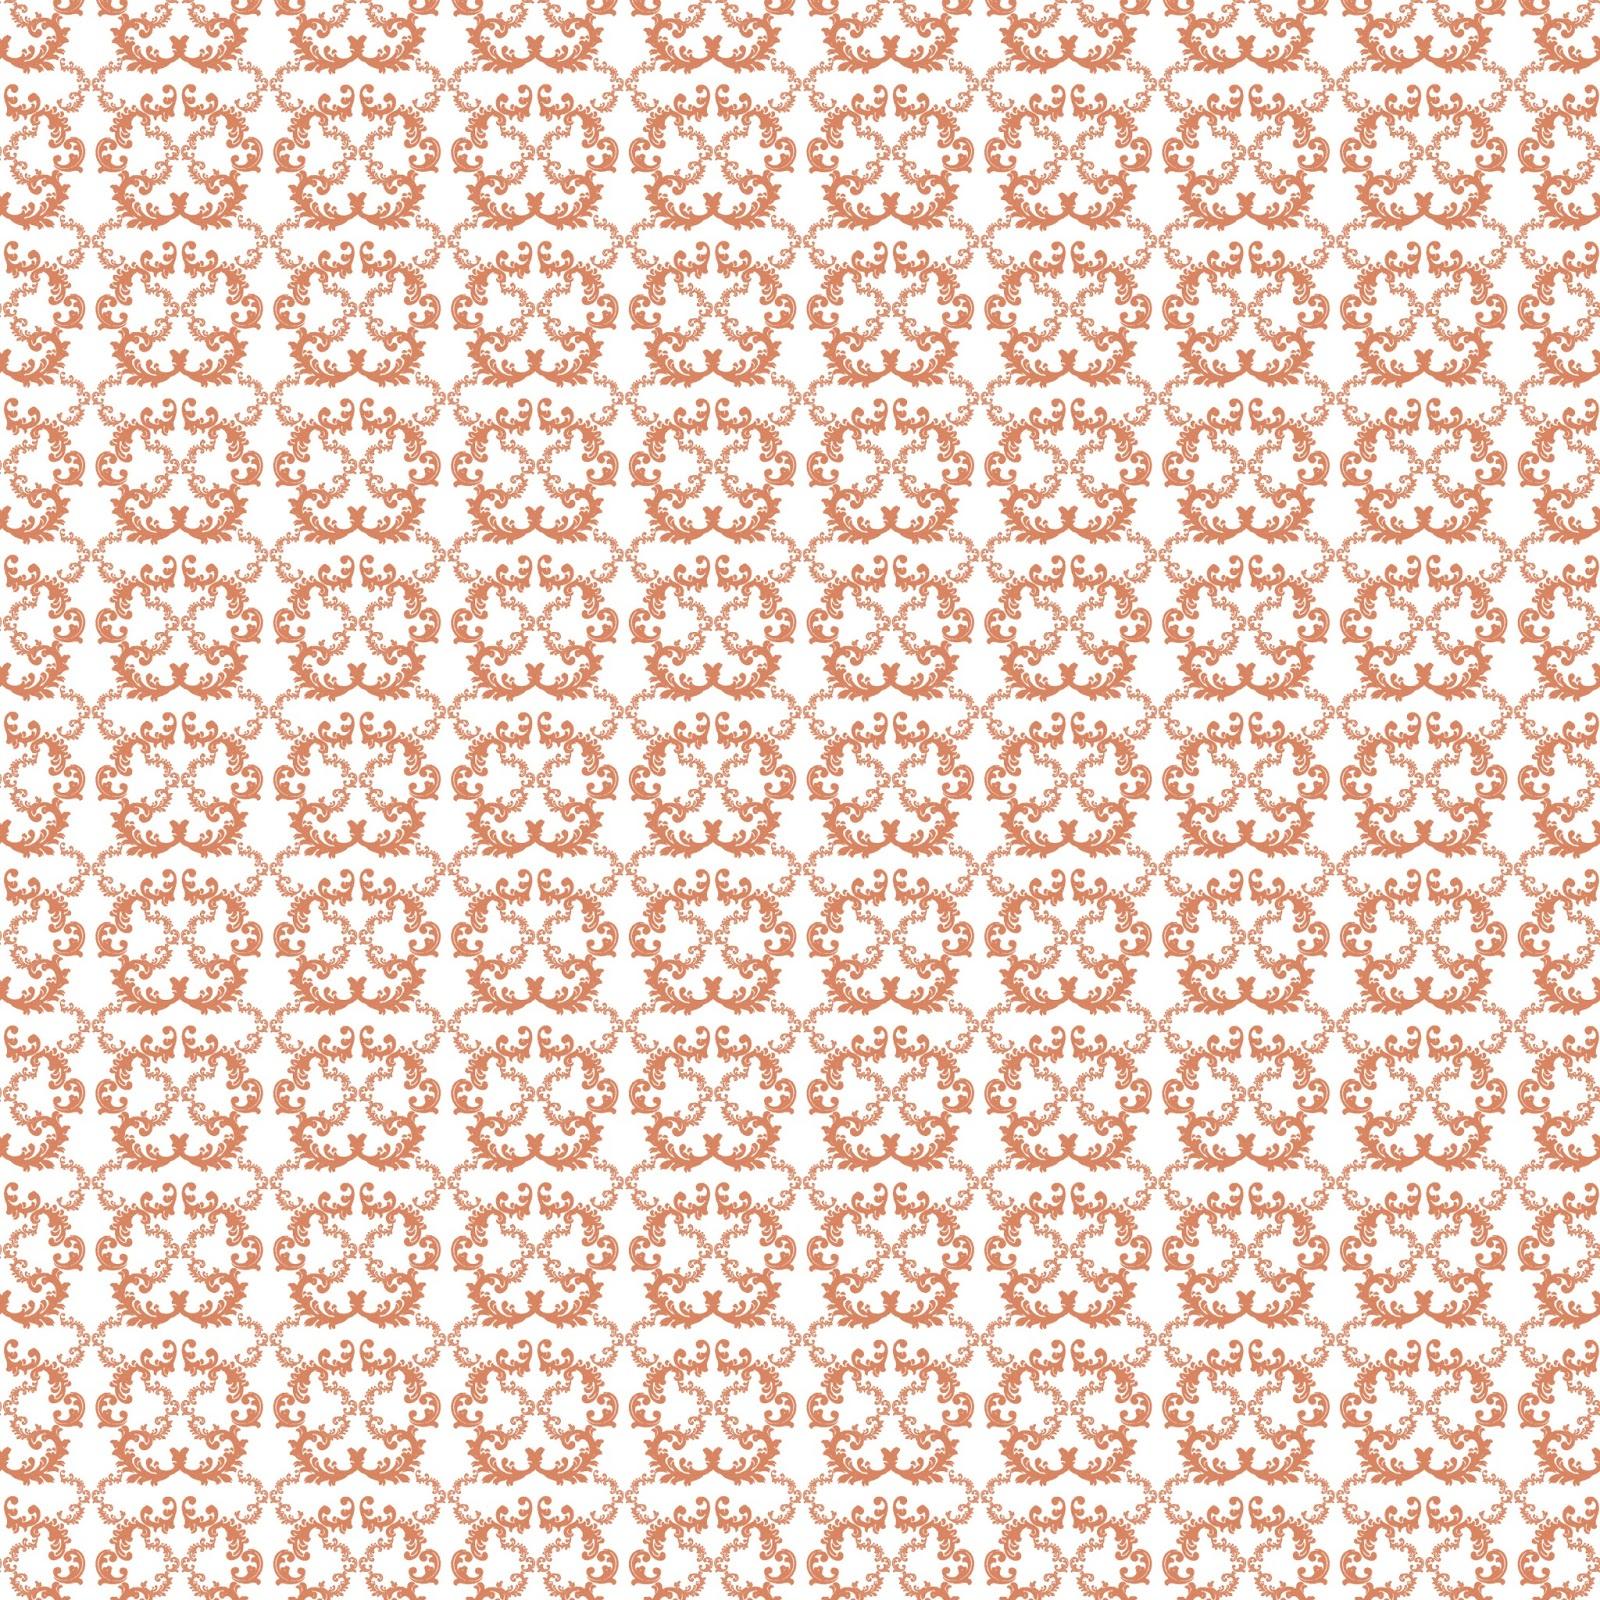 Scrapbook paper download - Artist Paper Digital Background Scrapbook Download